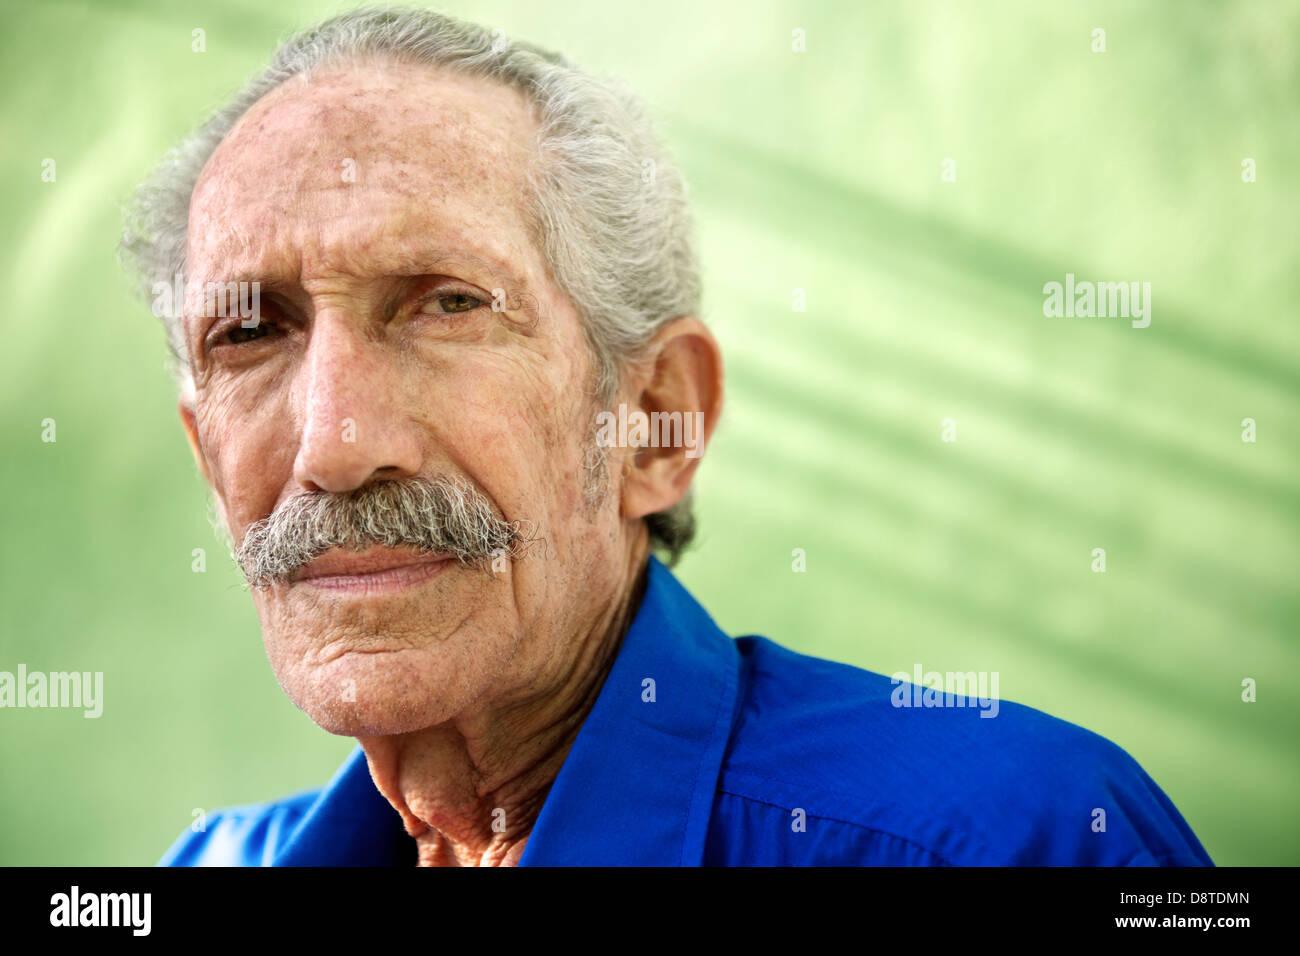 Los ancianos y las emociones, retrato de graves caucásico senior hombre mirando a la cámara contra la Imagen De Stock